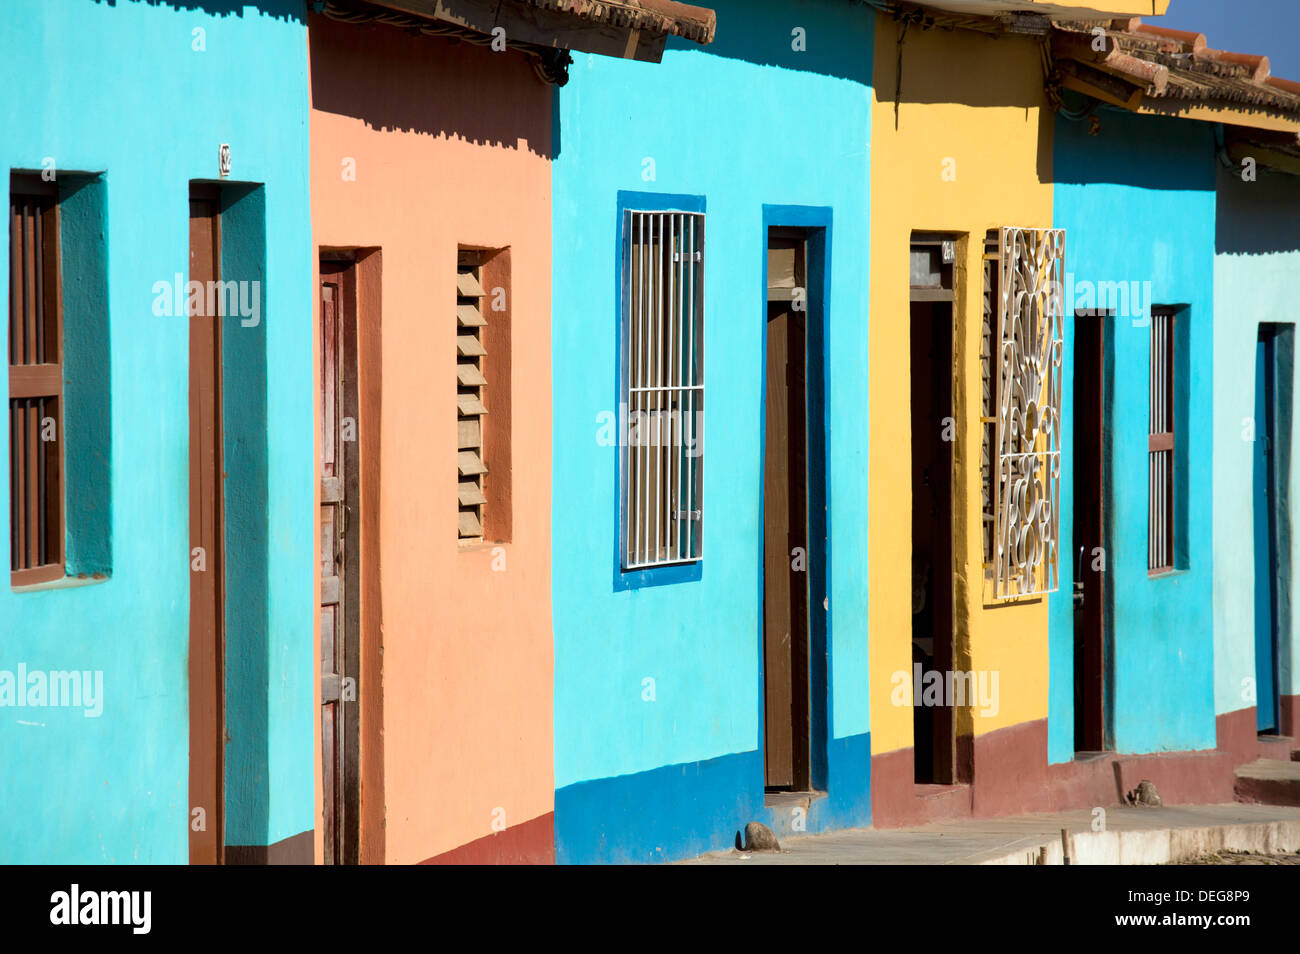 Fila di case coloniali dipinte di colori luminosi, Trinidad, Sito Patrimonio Mondiale dell'UNESCO, Cuba, West Indies, America Centrale Immagini Stock